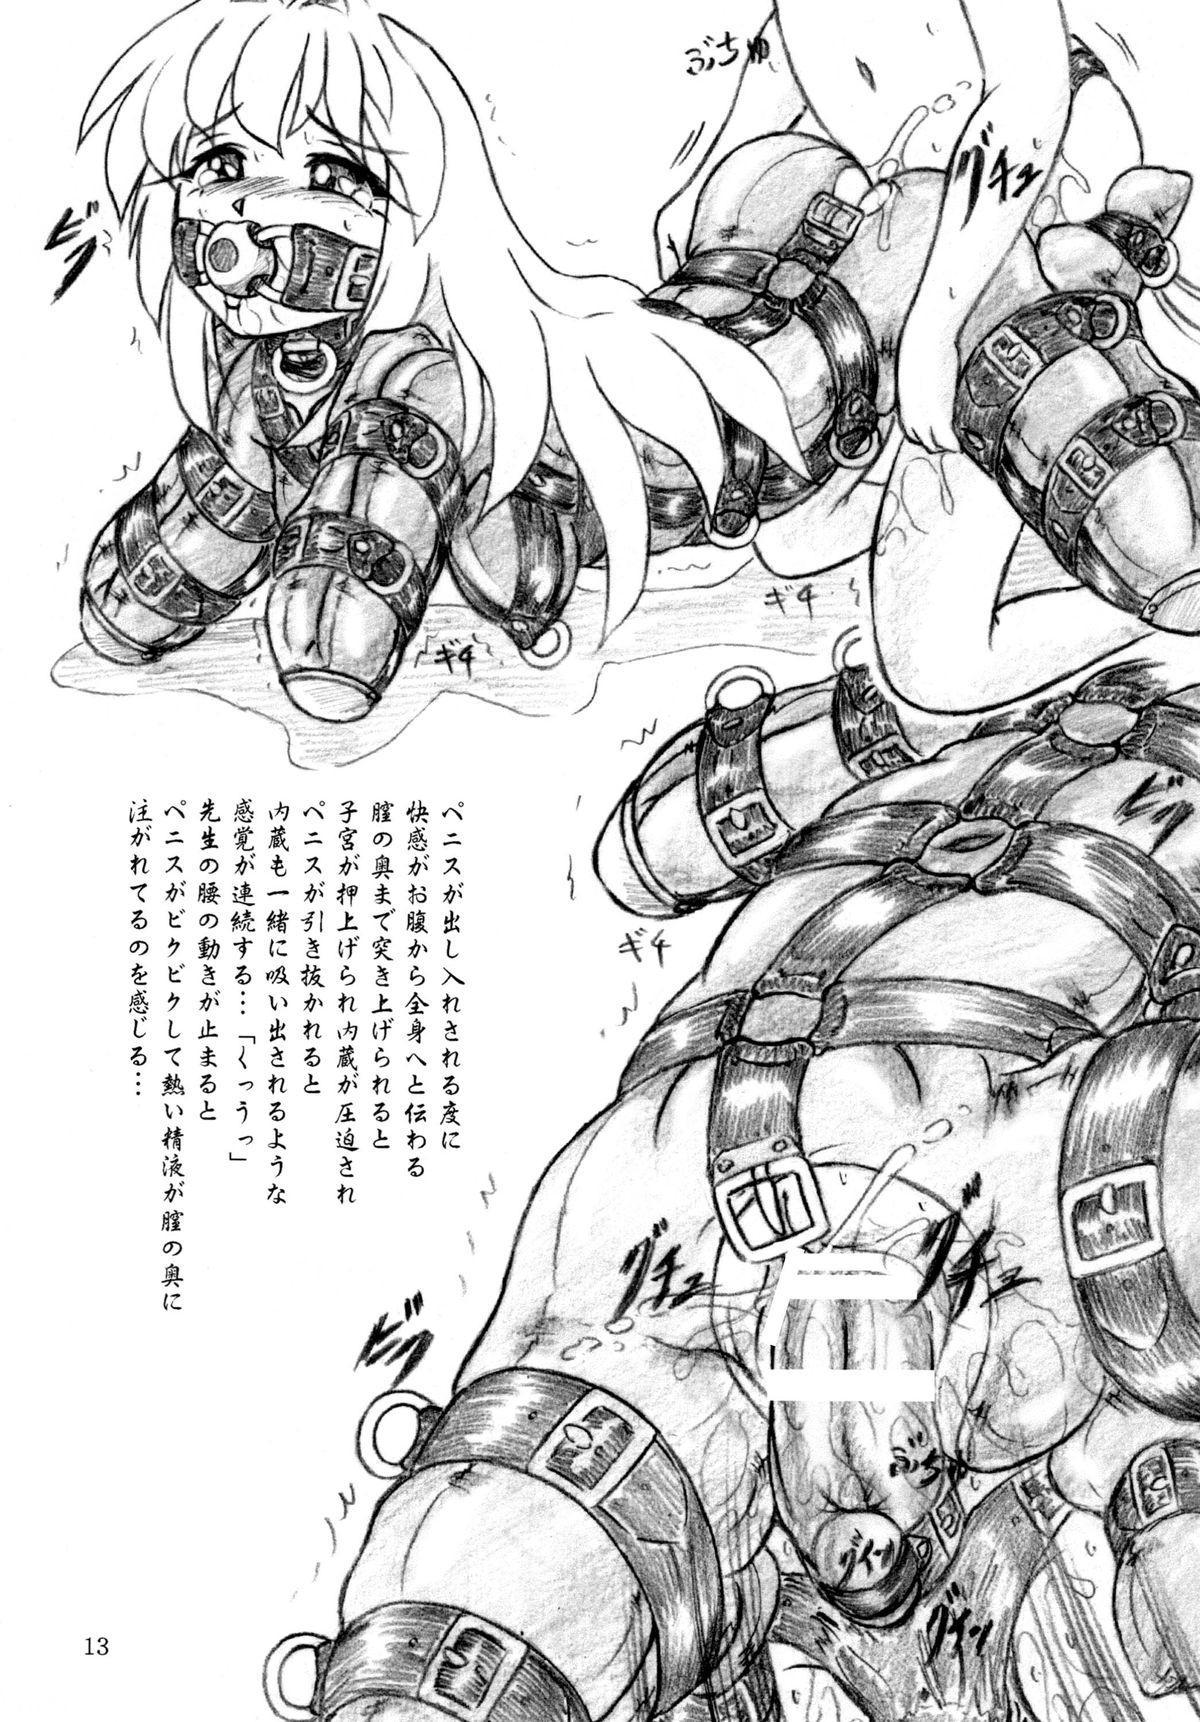 Seiyoku Shinryousho 12